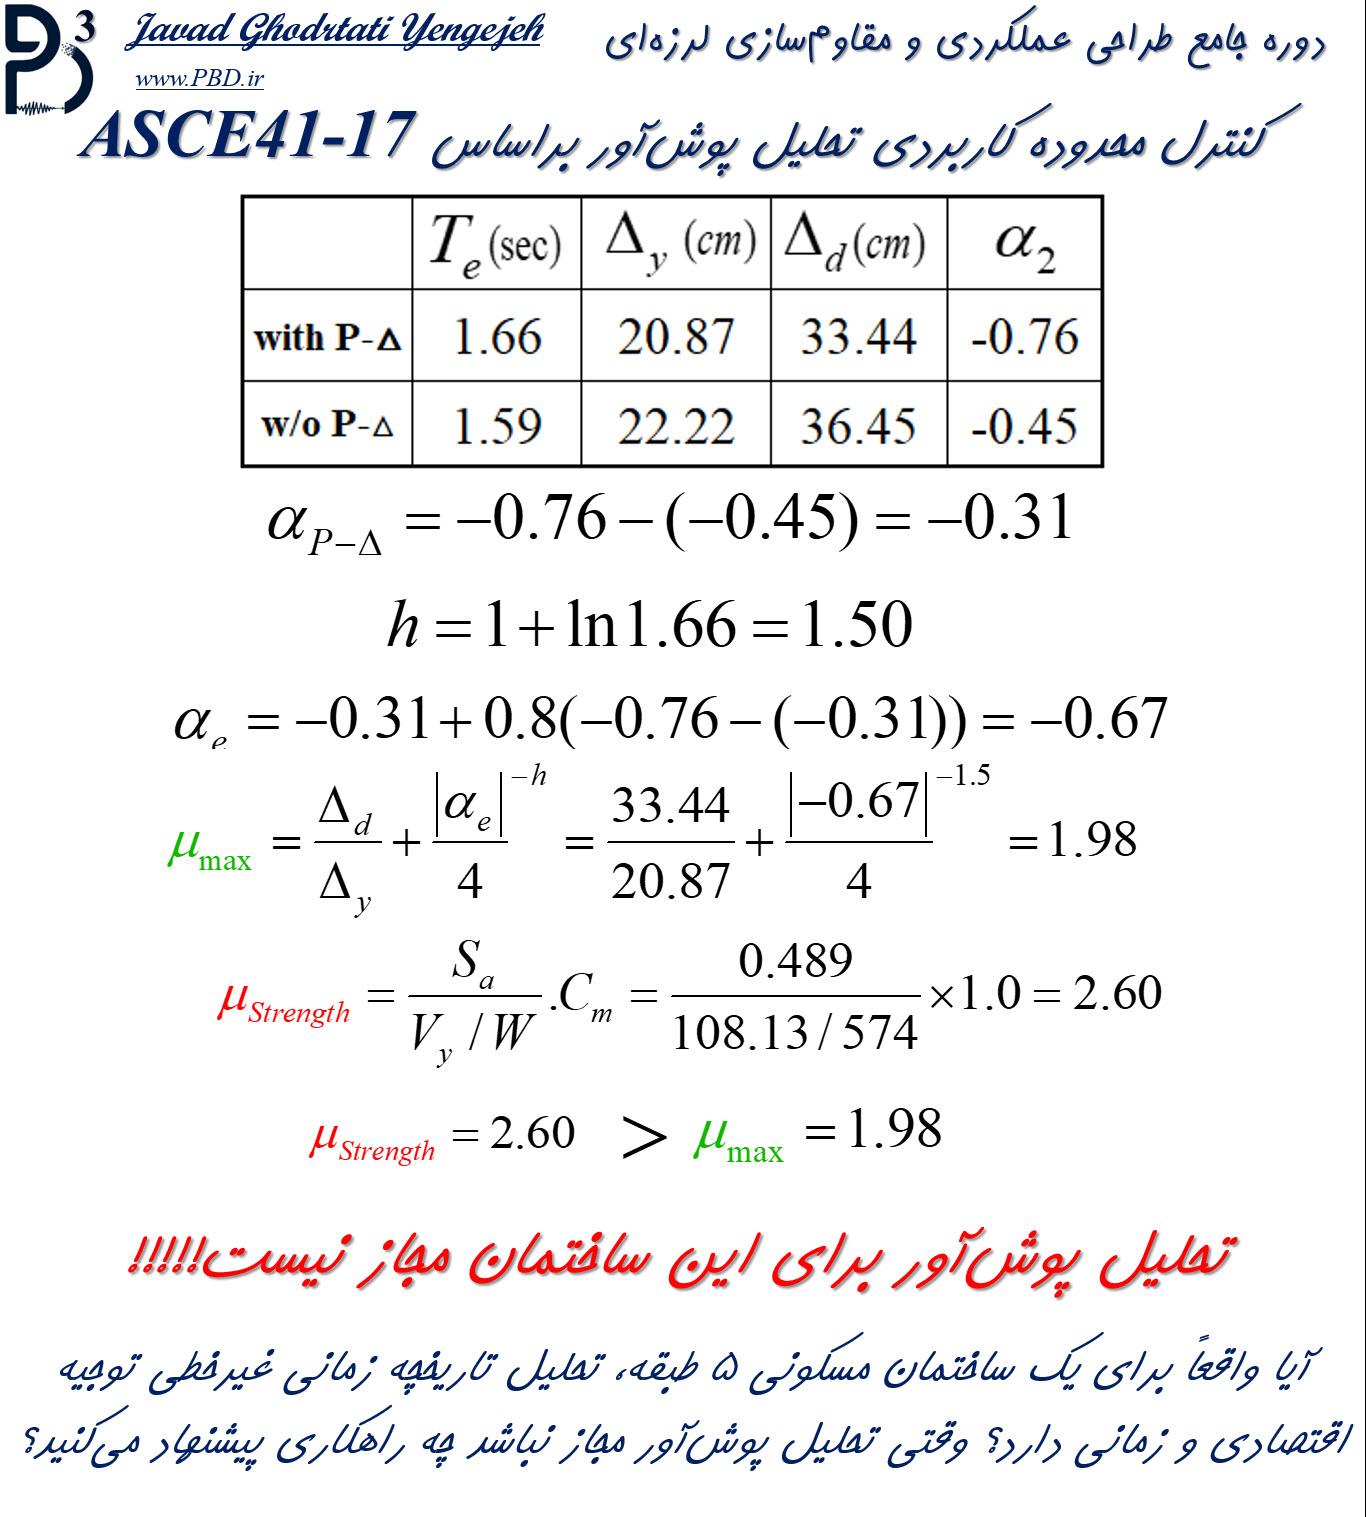 محاسبات دستی نیاز کاهش نیروی زلزله و ظرفیت کاهش نیروی زلزله براساس ASCE41-17